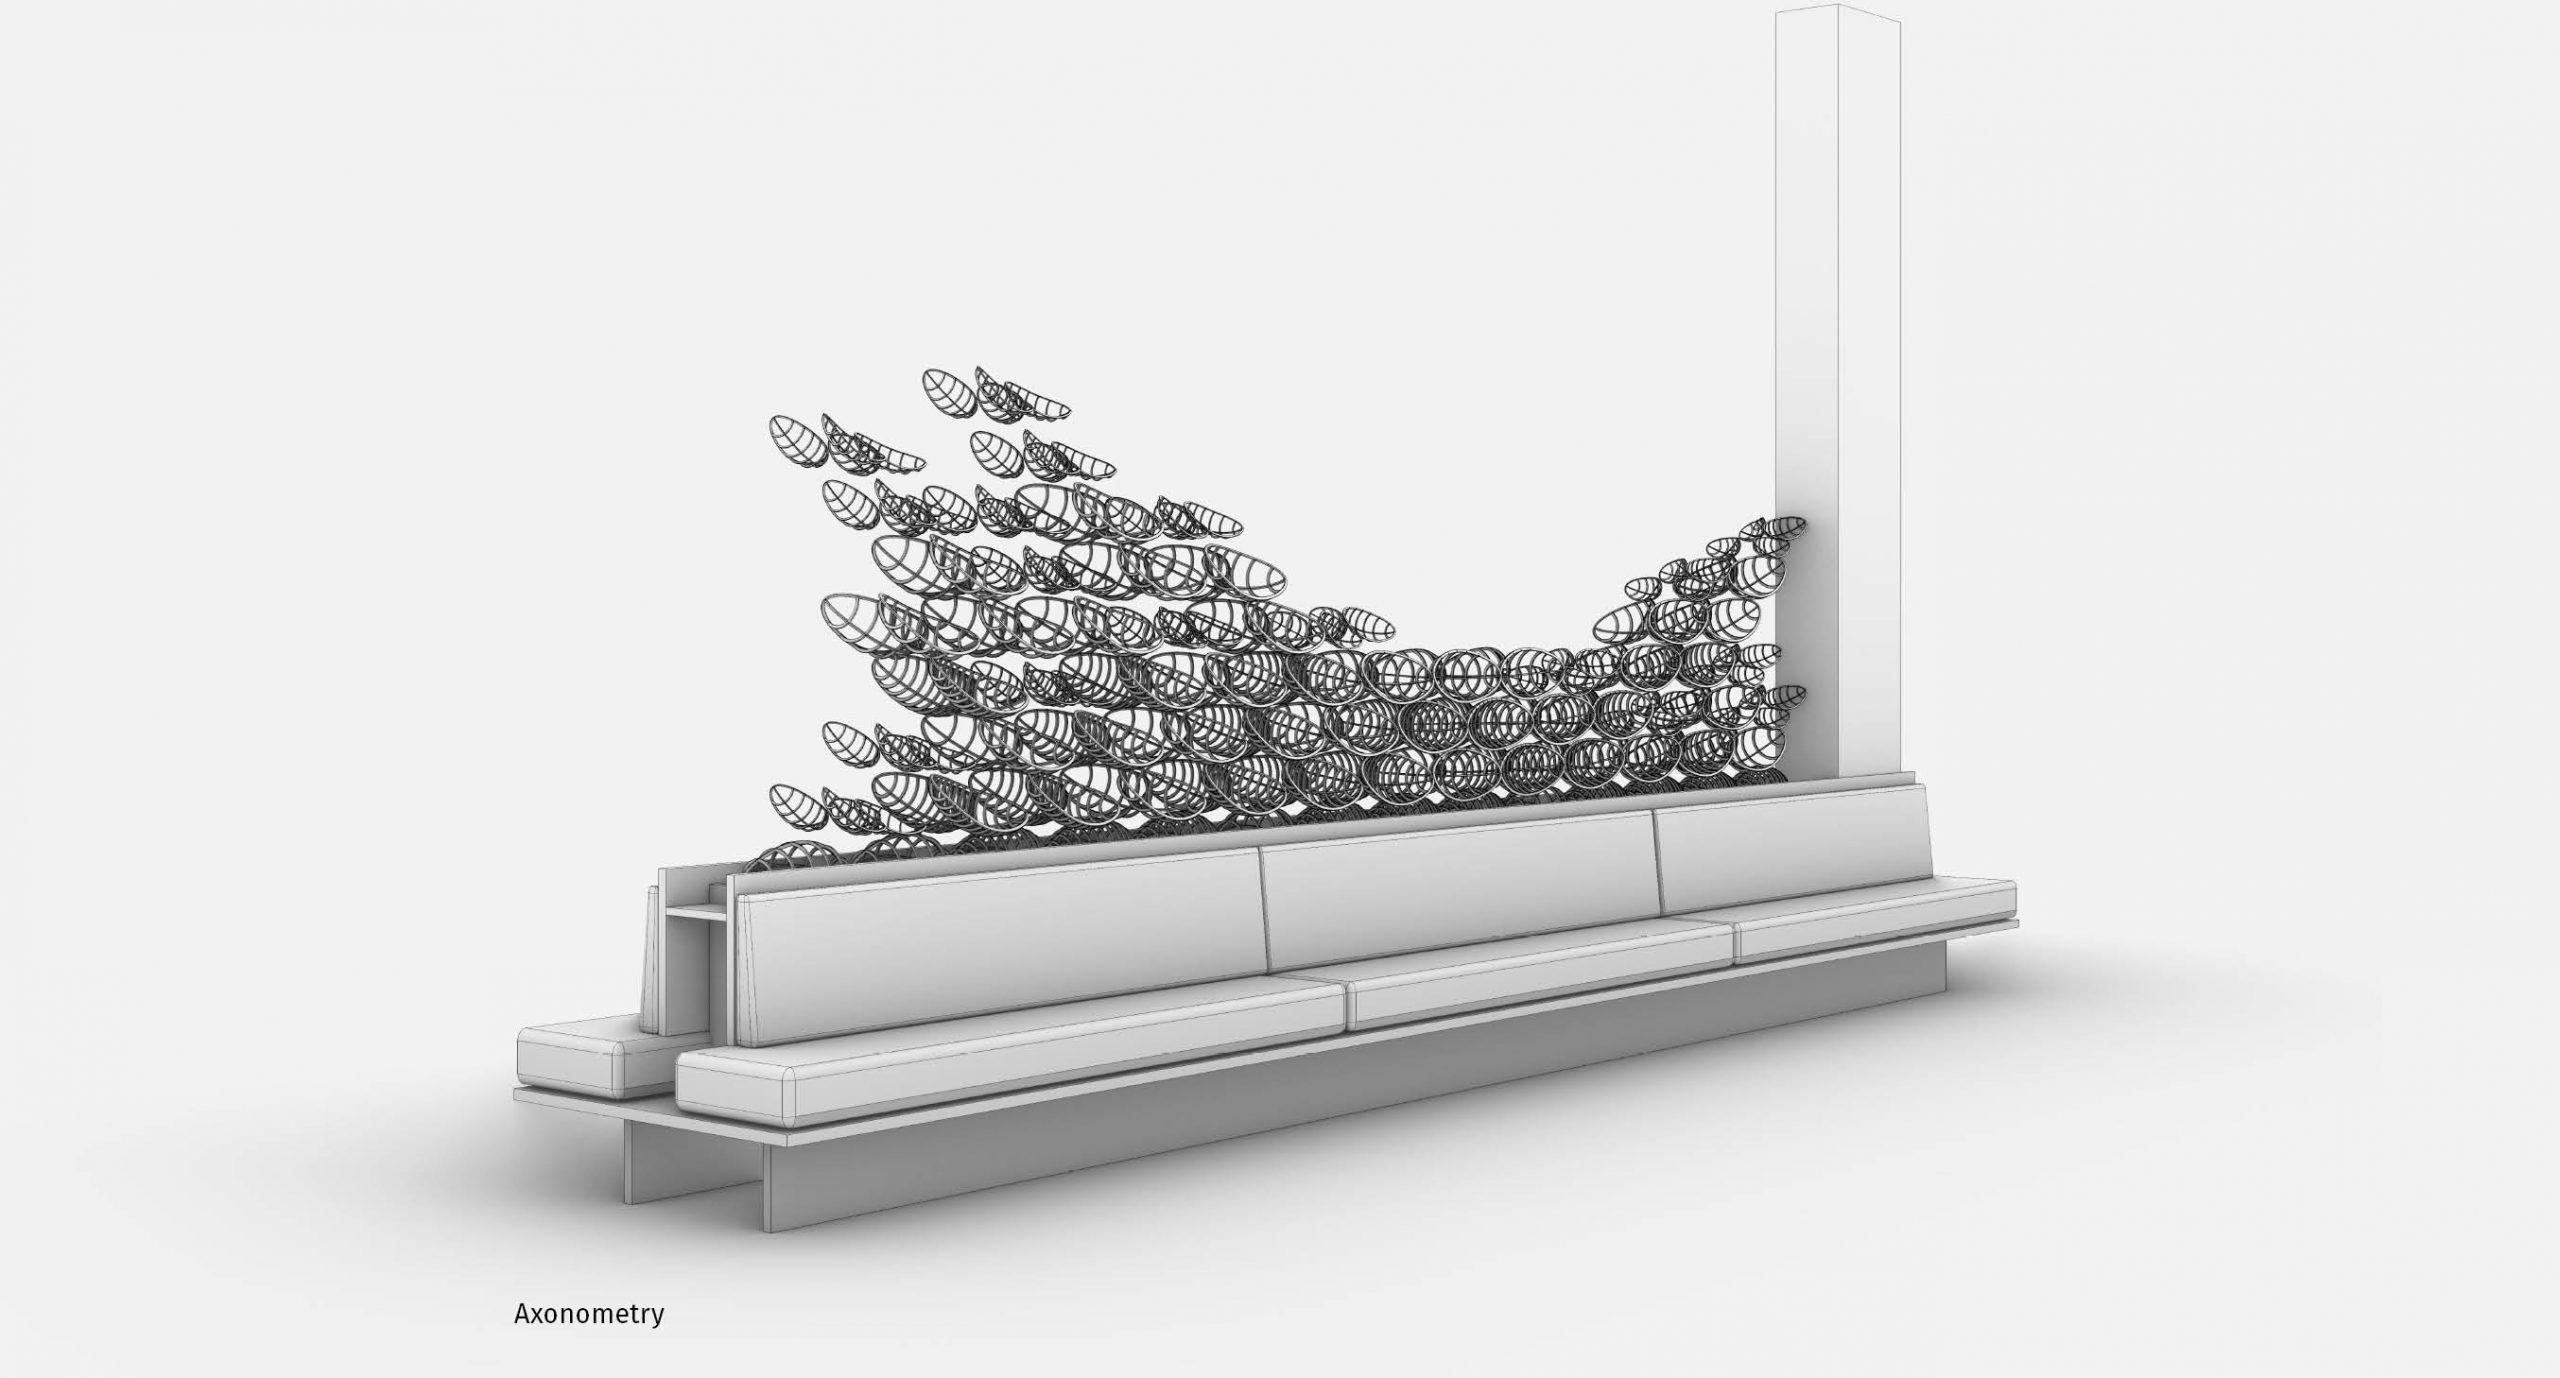 Spacegram_Flux_Instalation_Gold_Aluminium_Flock_Generative_DesignAxonometry_03